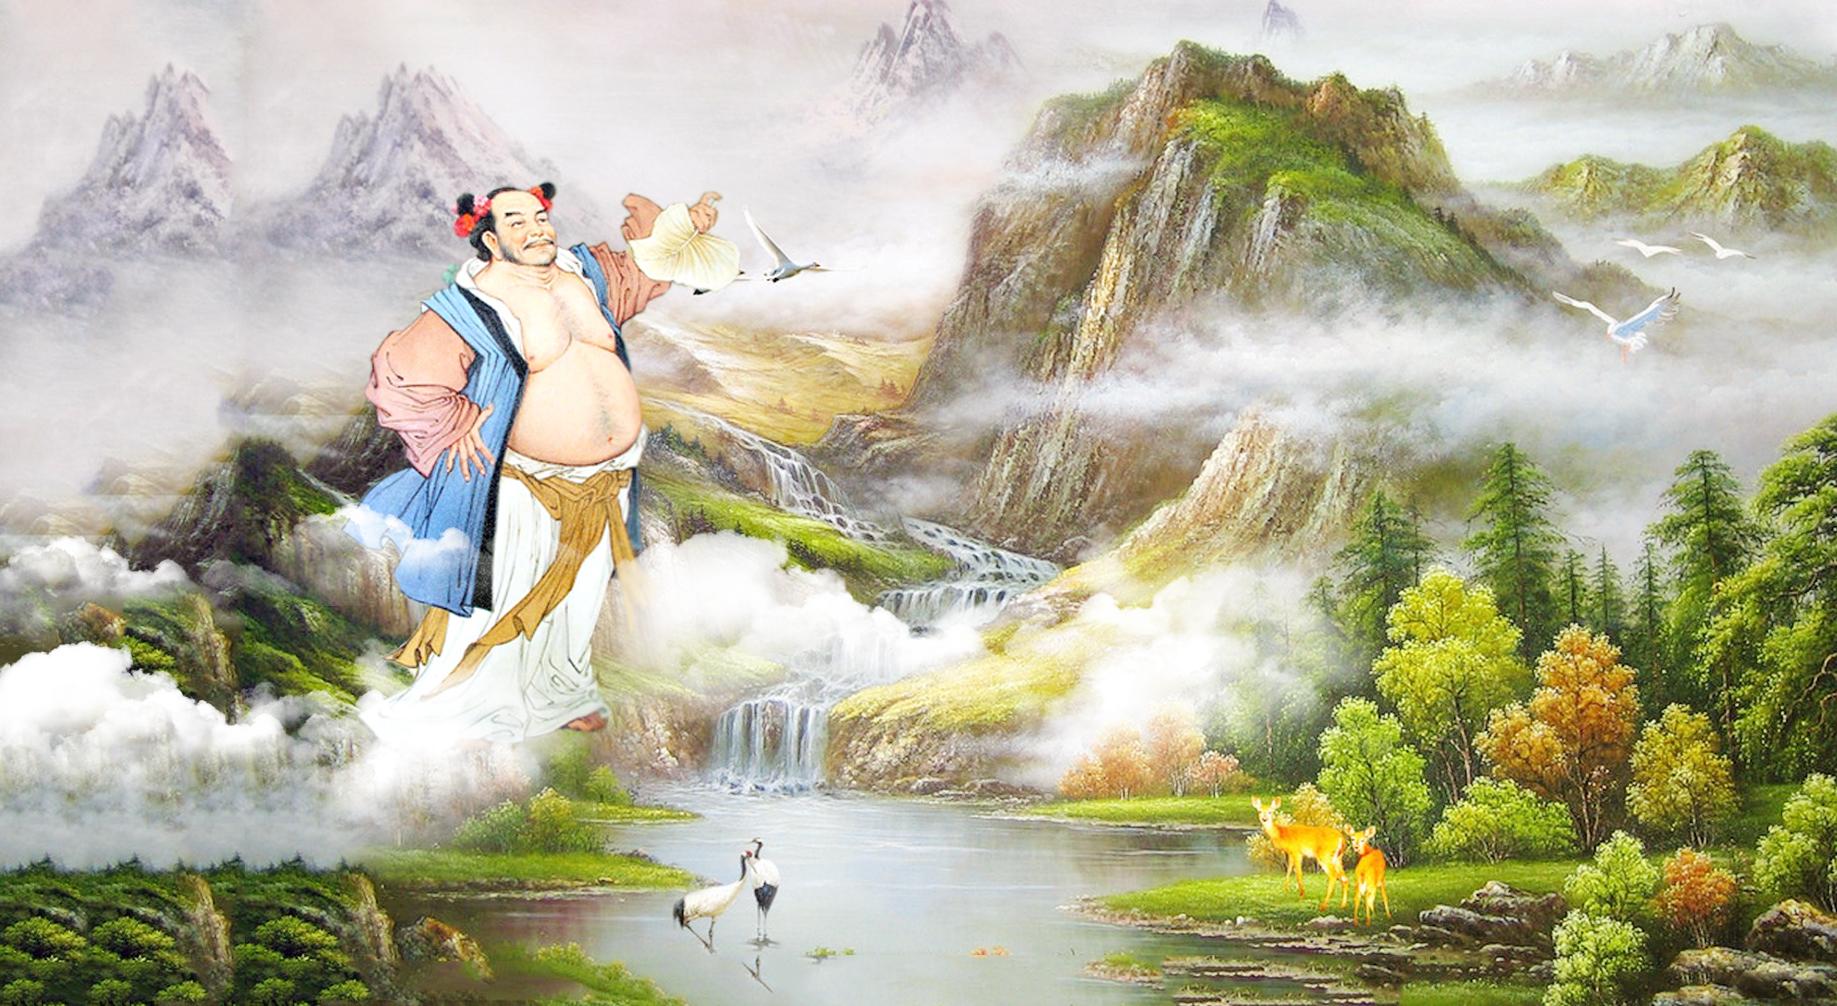 Truyền thuyết núi Bán Bình: Hán Chung Ly xẻ núi tìm đồ đệ